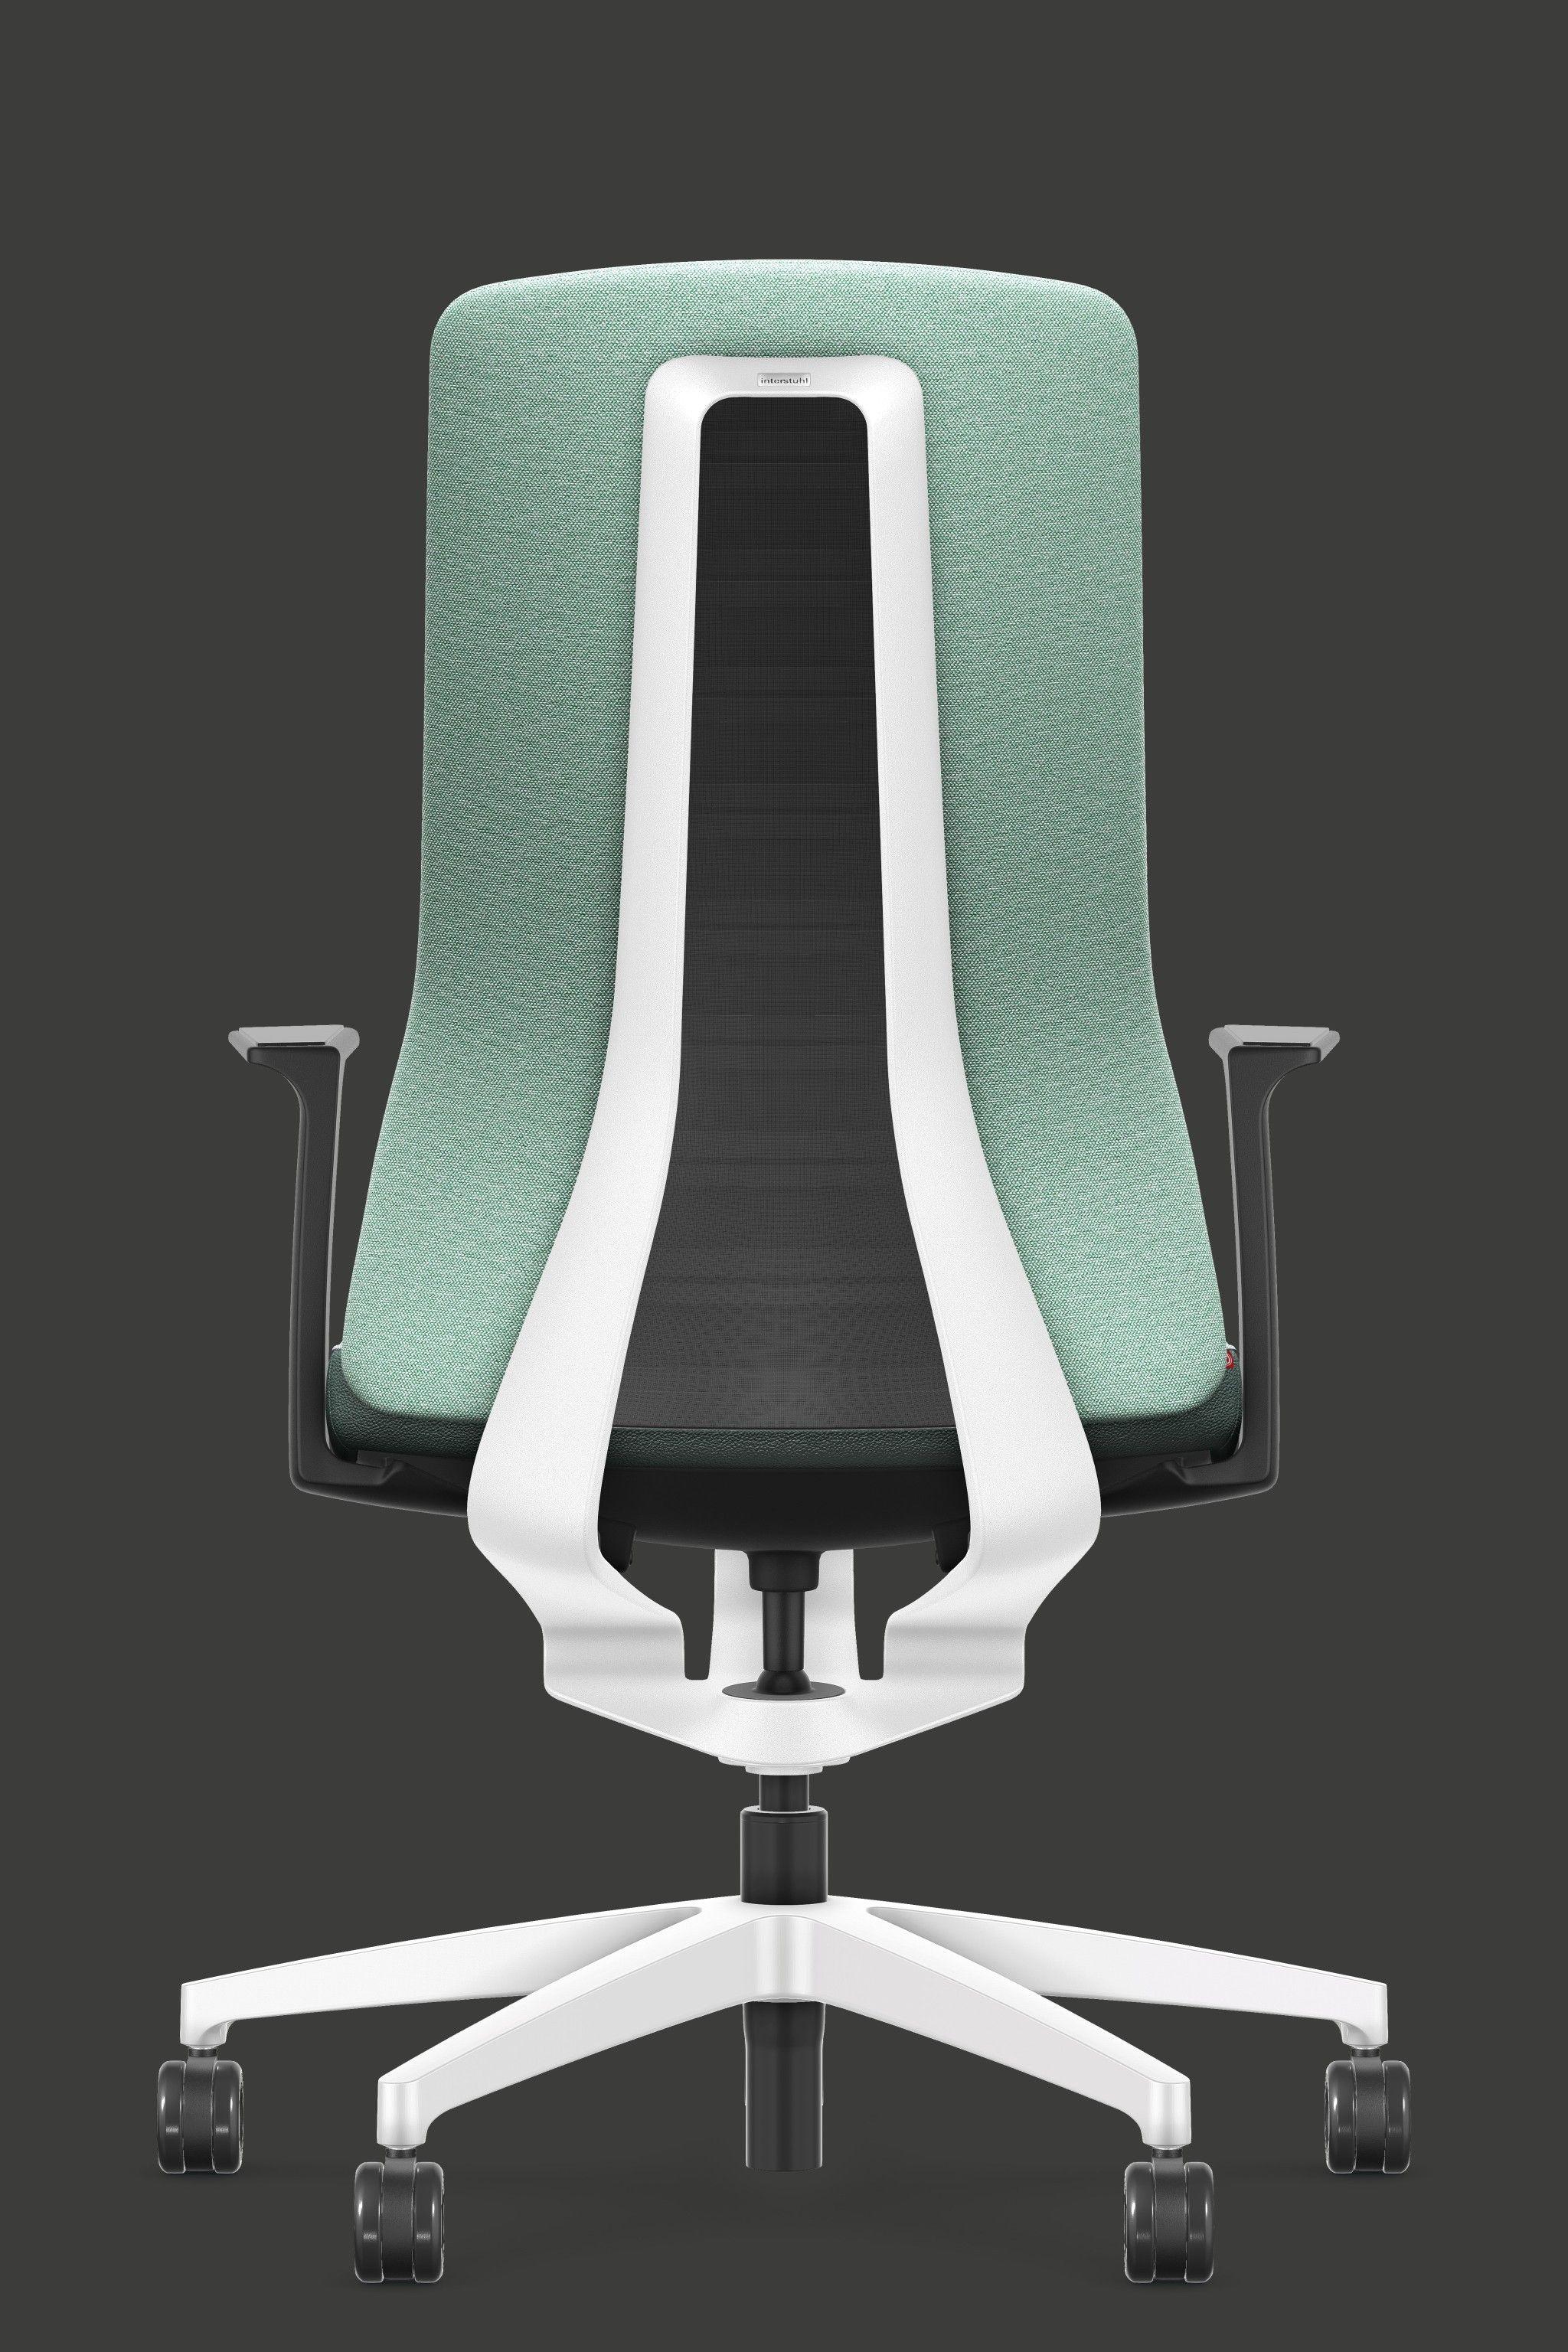 Schreibtischstuhl Mint Moss Pure Fashion Edition Burostuhl Schreibtischstuhl Von Interstuhl Schreibtischstuhl Burostuhl Ergonomisches Sitzen